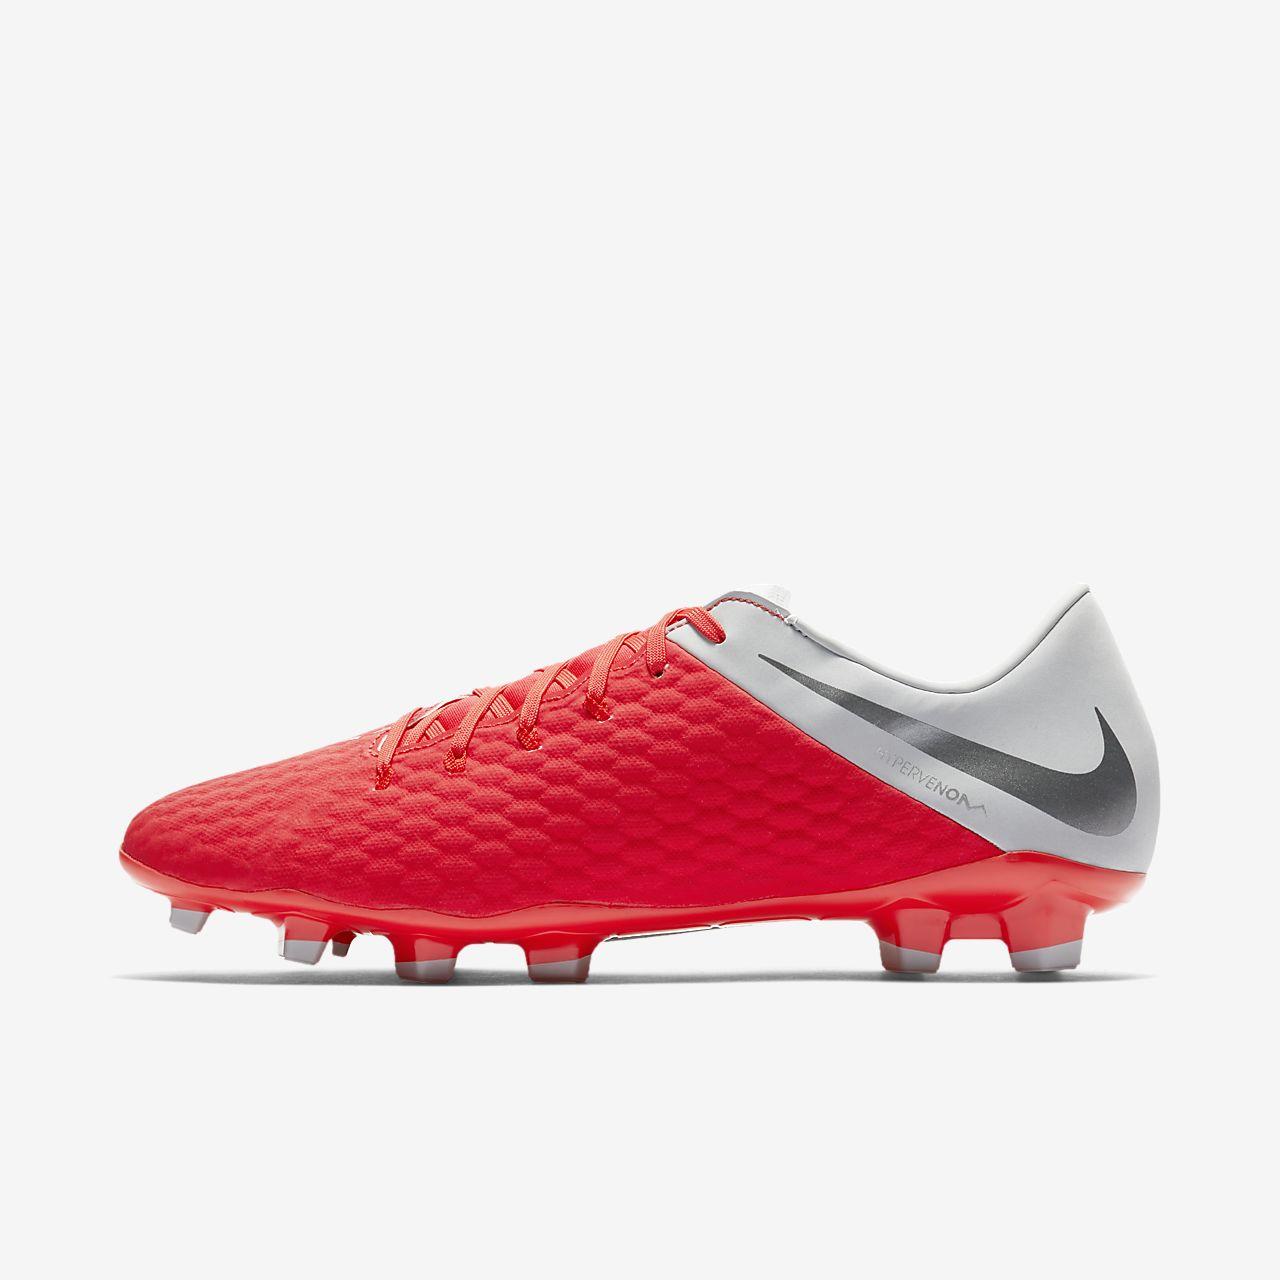 รองเท้าสตั๊ดฟุตบอลสำหรับพื้นสนามทั่วไป Nike Hypervenom III Academy FG